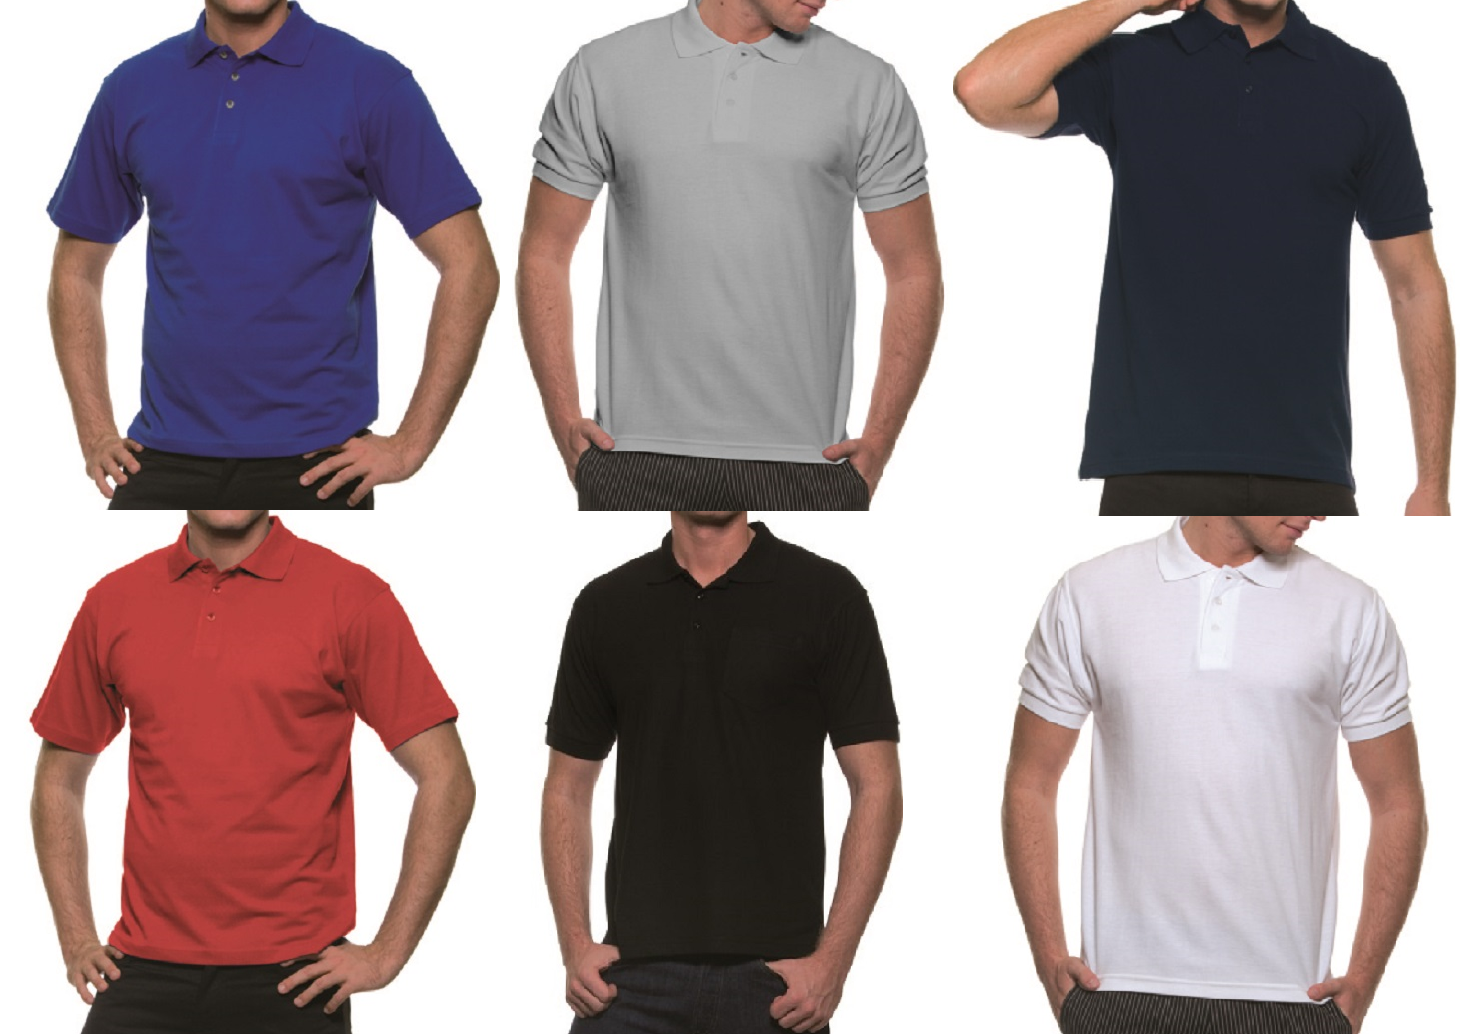 4487de6247d636 Karlowsky Basic Herren Poloshirt Polohemd 6 verschiedene Farben  Dauertiefpreis